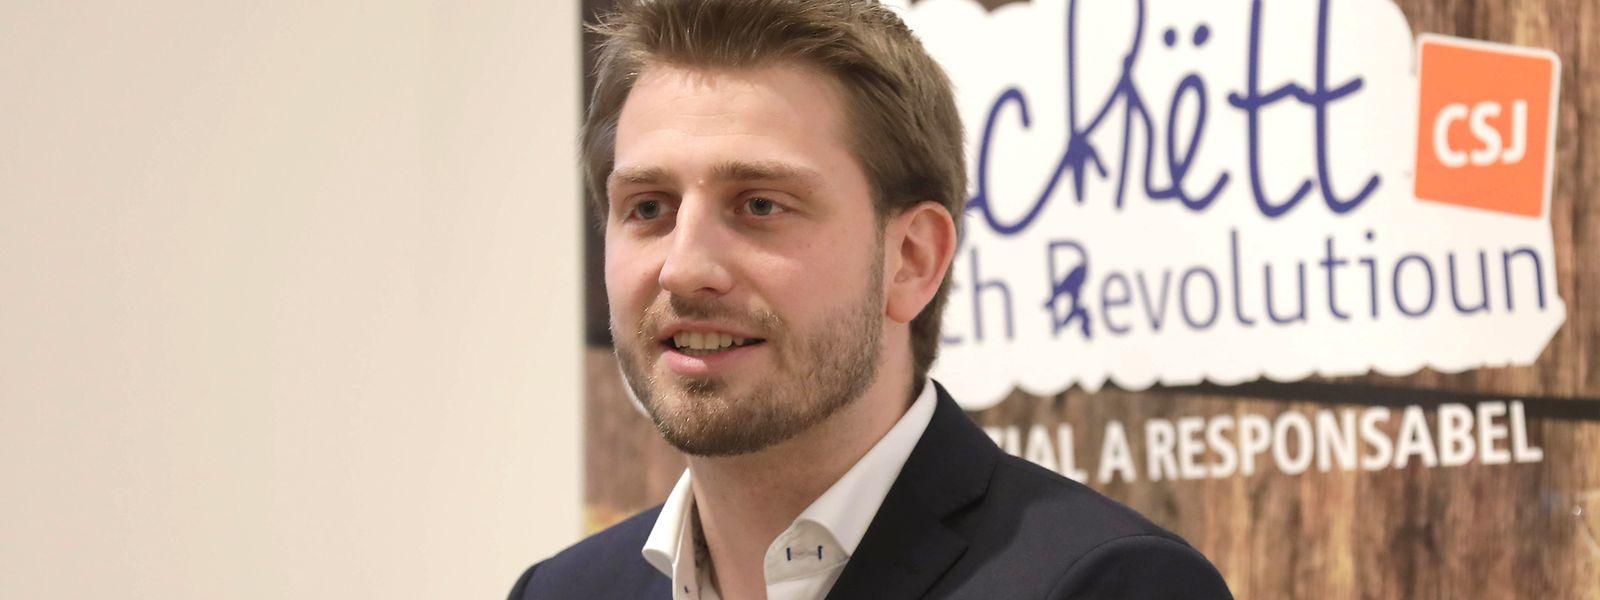 """""""Wenn wir noch zwei Jahre so weitermachen, können wir den Anspruch, eine Volkspartei zu sein, vergessen"""", sagte Alex Donnersbach am Samstag beim digitalen CSJ-Kongress. Er wurde für eine weitere Mandatsperiode als CSJ-Präsident bestätigt."""